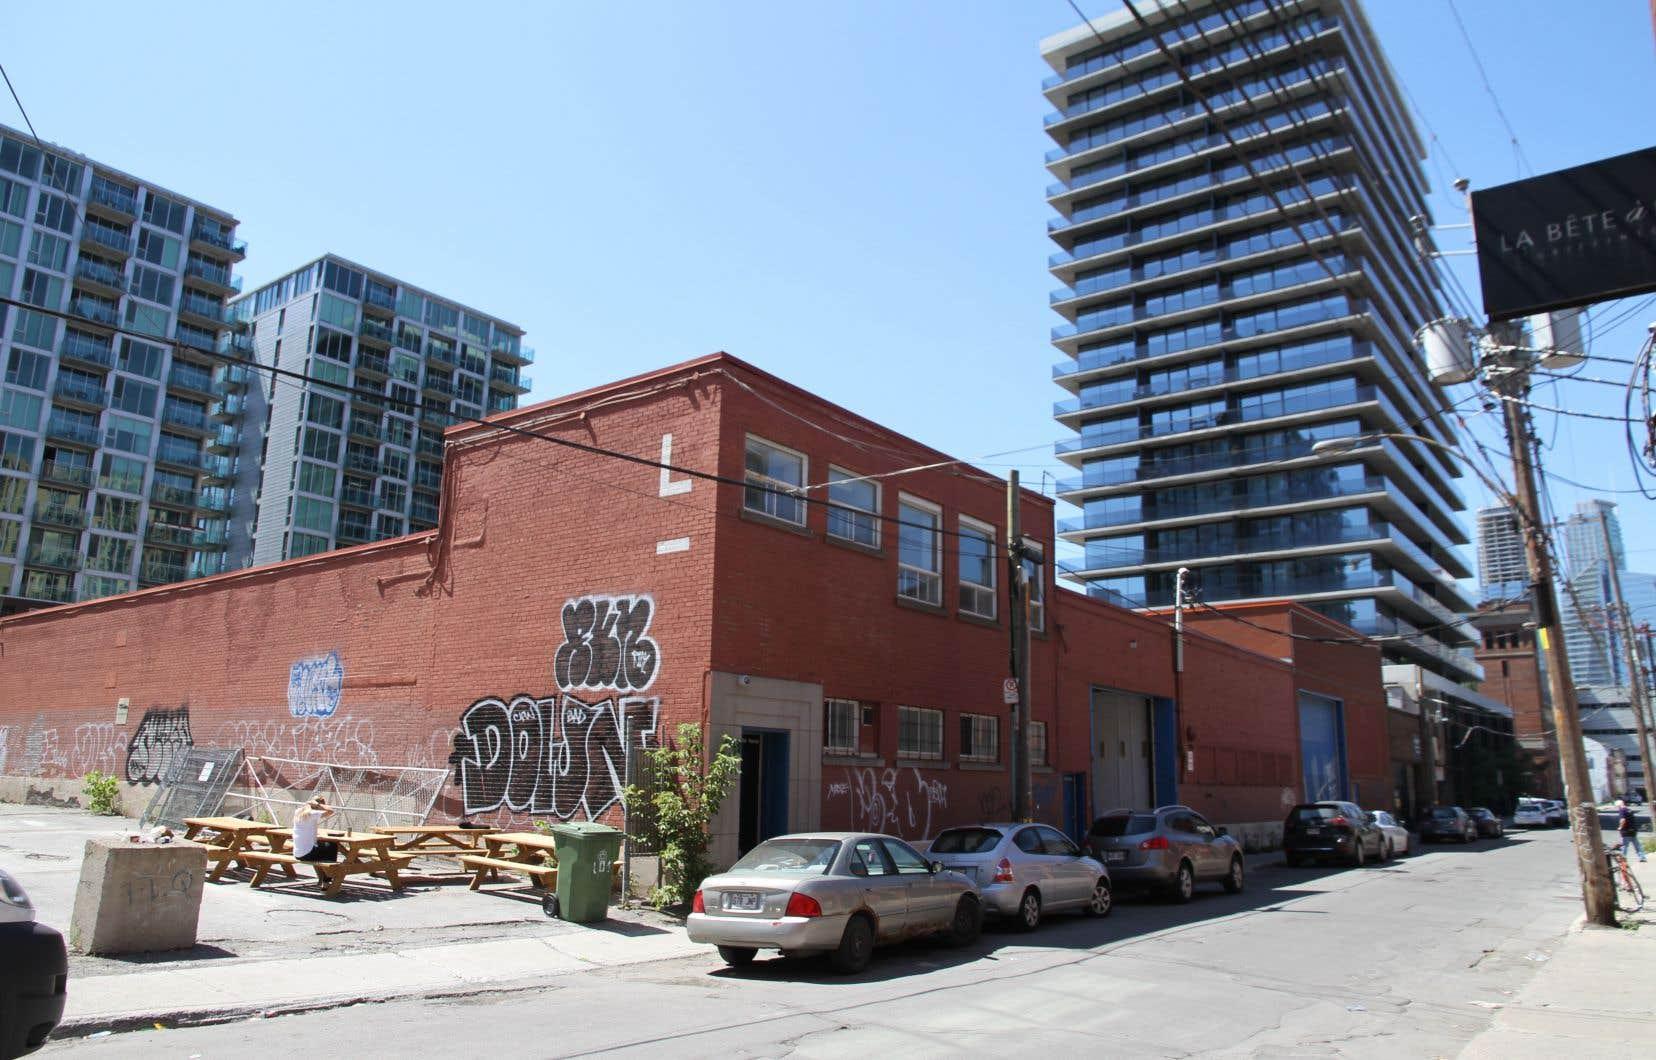 Le projet Young, situé au 204, rue Young dans Griffintown, est le premier projet d'occupation transitoire de Montréal. Celui-ci a été lancé par le Laboratoire transitoire. Il s'agit d'un partenariat entre l'OBNL Entremise, la Ville de Montréal, la Maison d'innovation sociale et Cities for People de la Fondation McConnell.